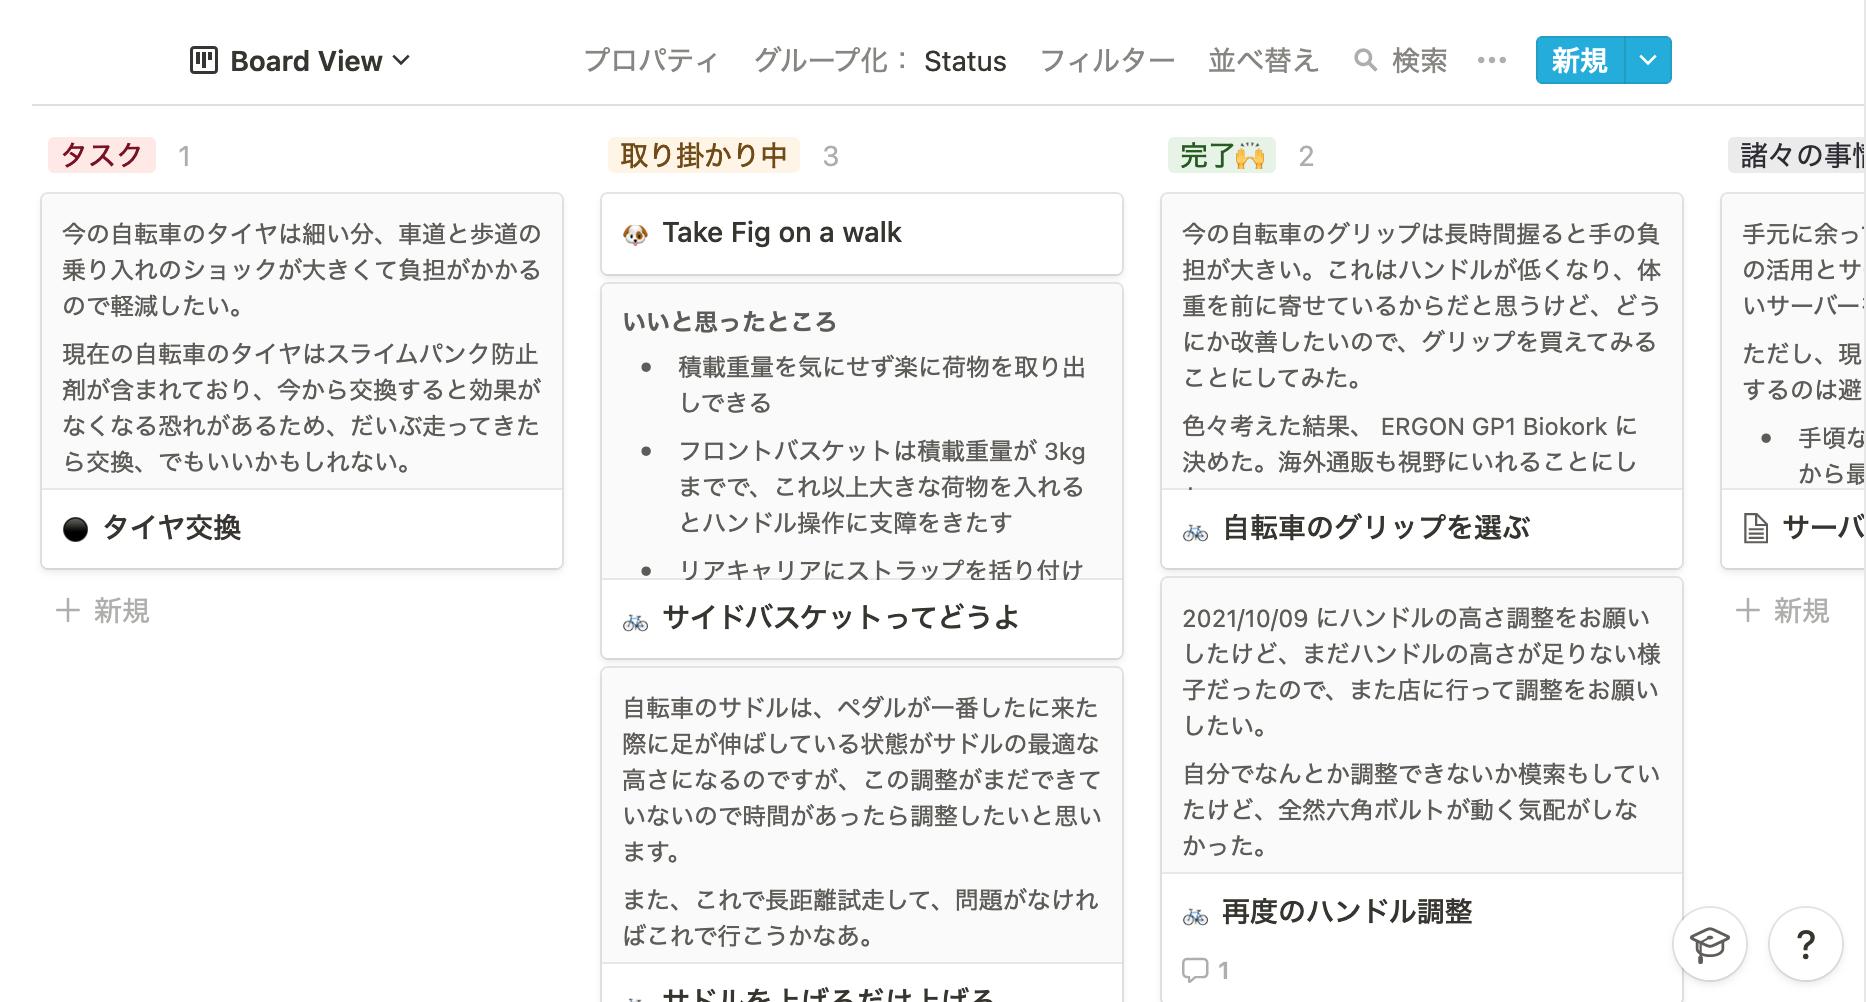 f:id:aokashi:20211013212237p:plain